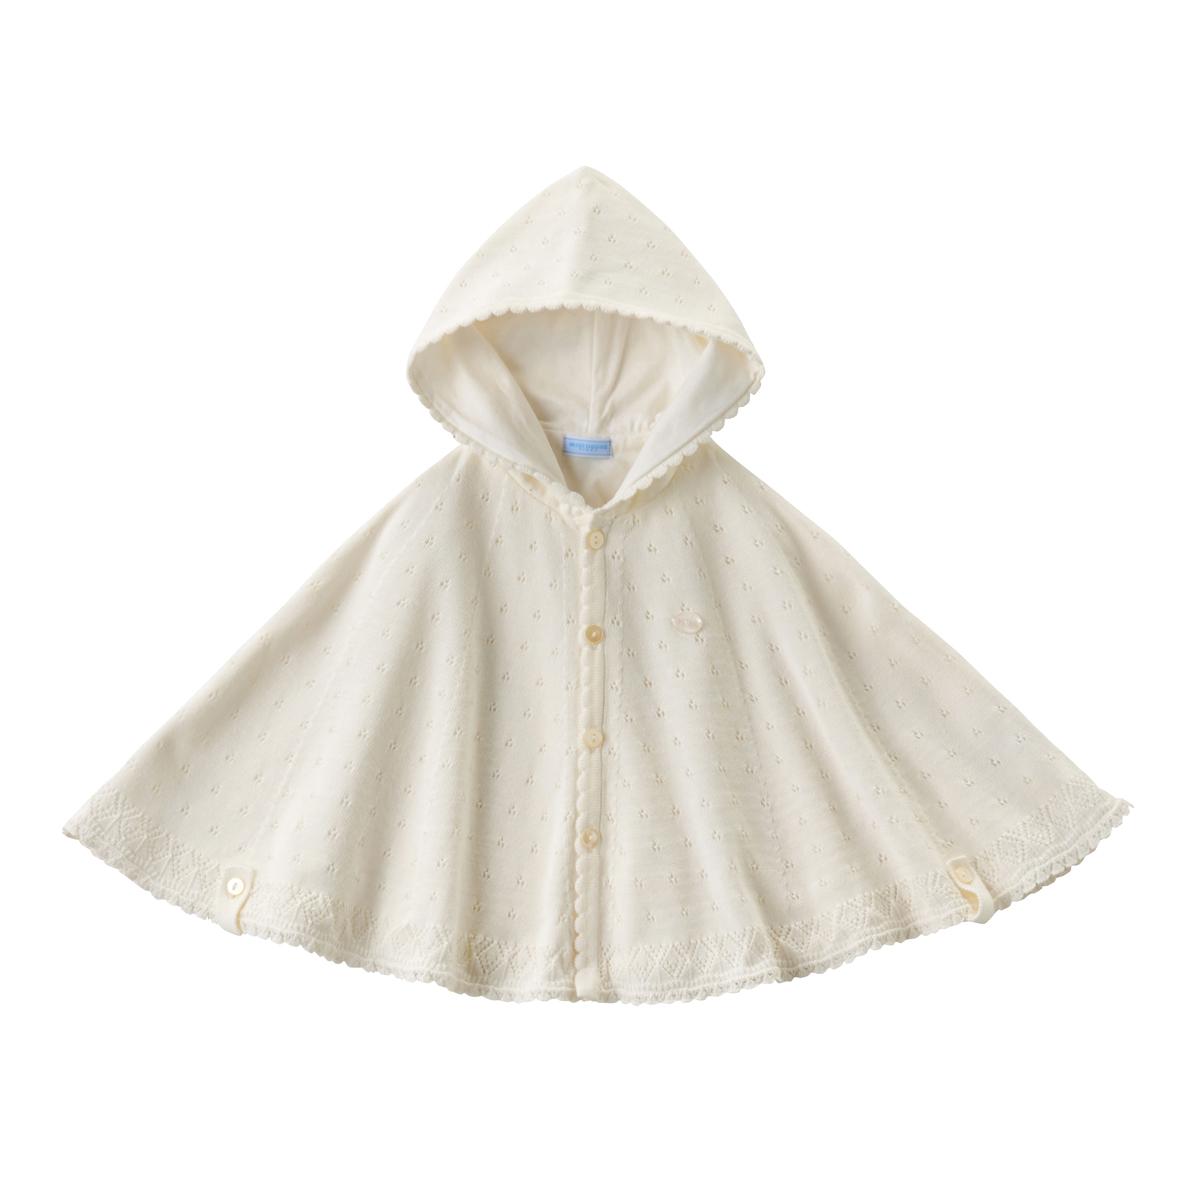 ミキハウス mikihouse 上品な透かし編みケープ〈フリー(50cm-90cm)〉 ベビー服 子供服 赤ちゃん 女の子 男の子 UVカット アウター